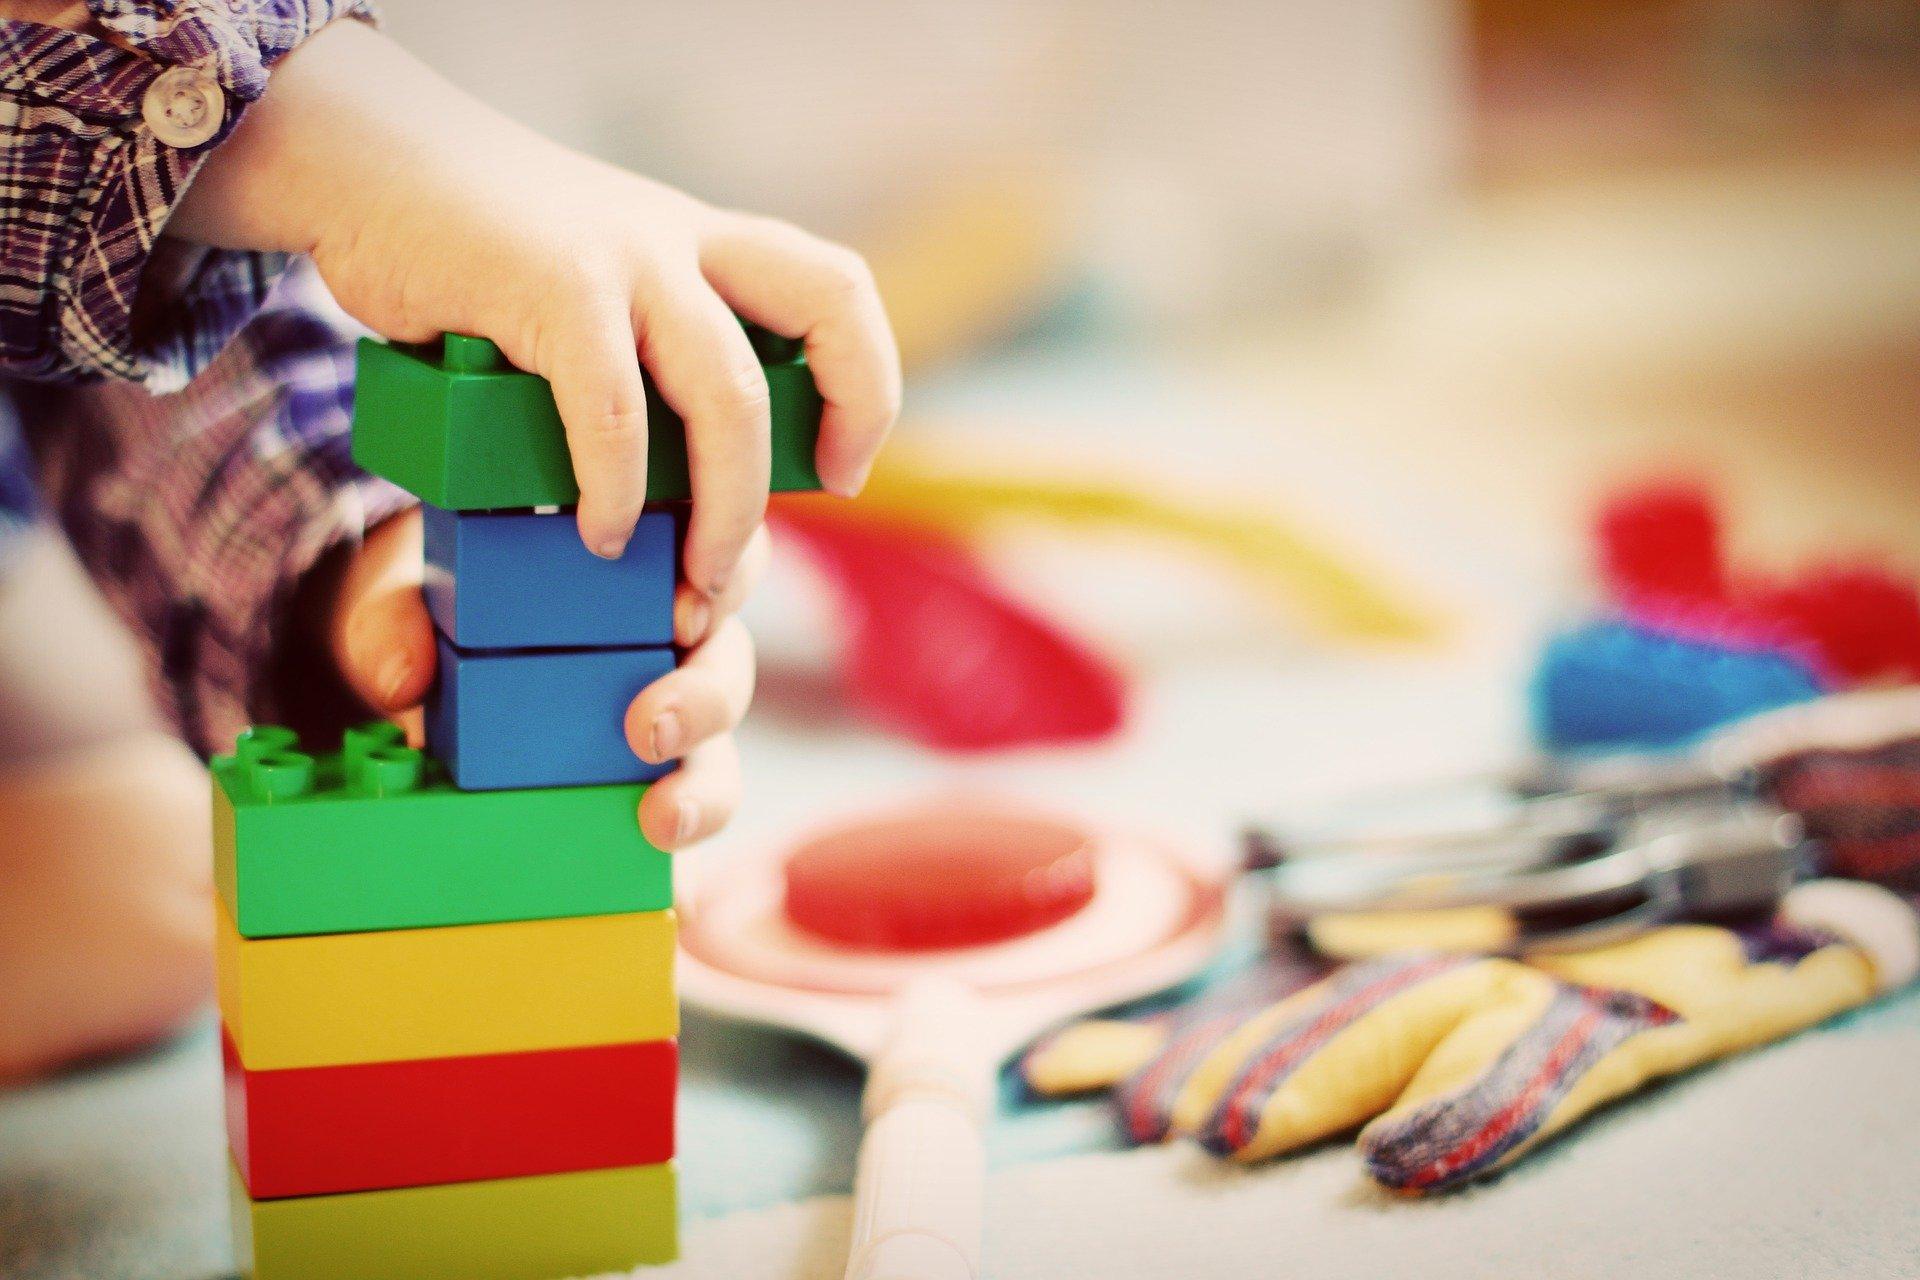 СМИ Австрии: близнецов не взяли в частный детский сад из-за того, что их родители — гей-пара.